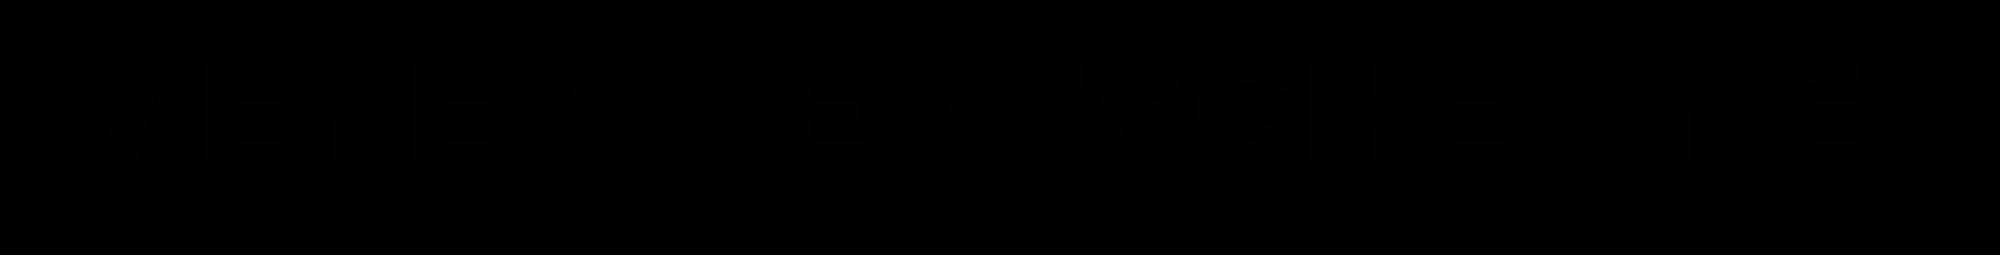 MEYER-HENTSCHEL.NET